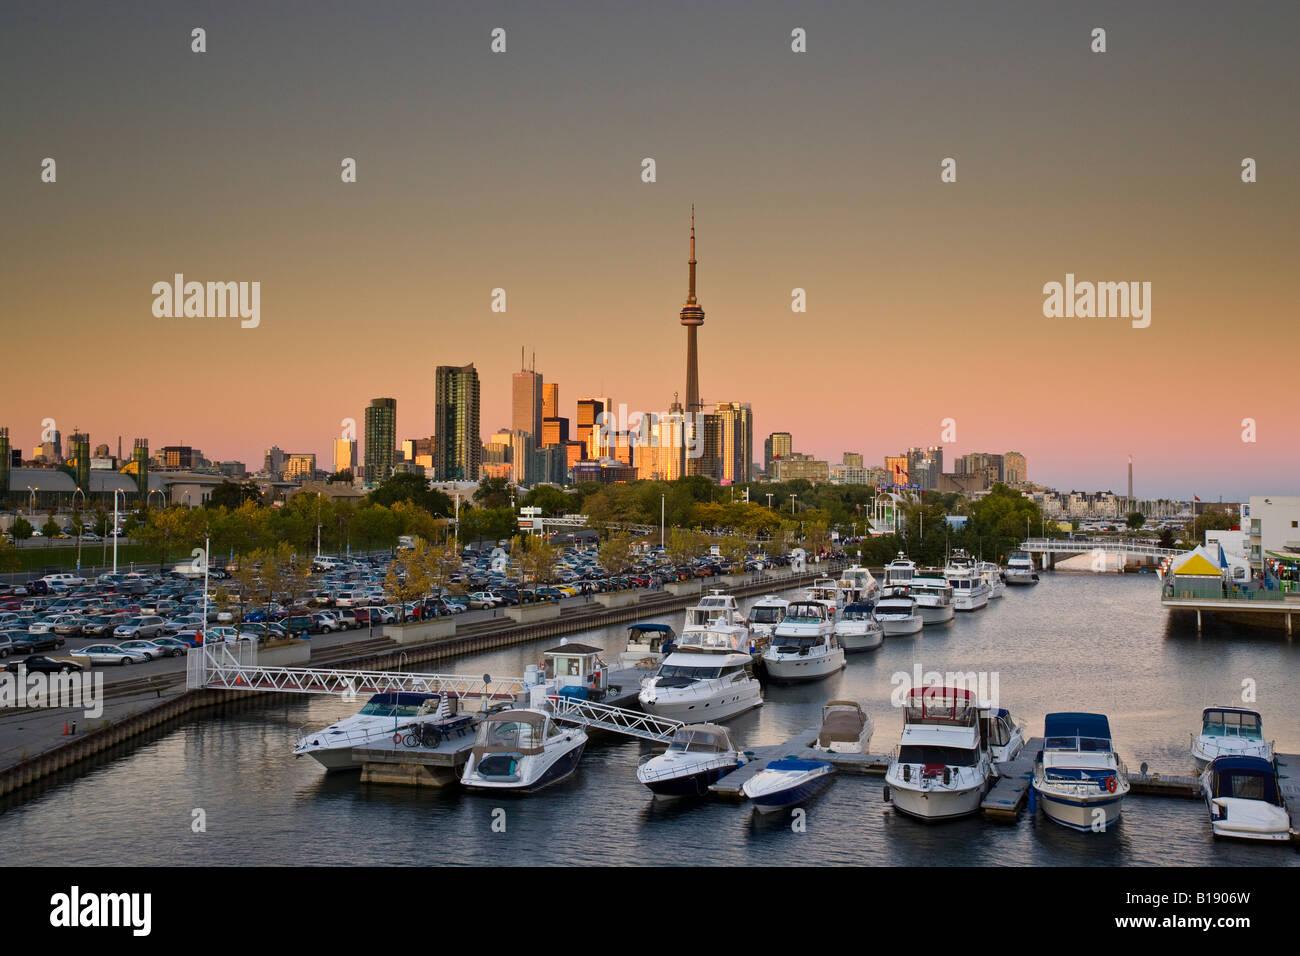 Ville de Toronto et l'Ontario Place au coucher du soleil, Toronto, Ontario, Canada. Photo Stock